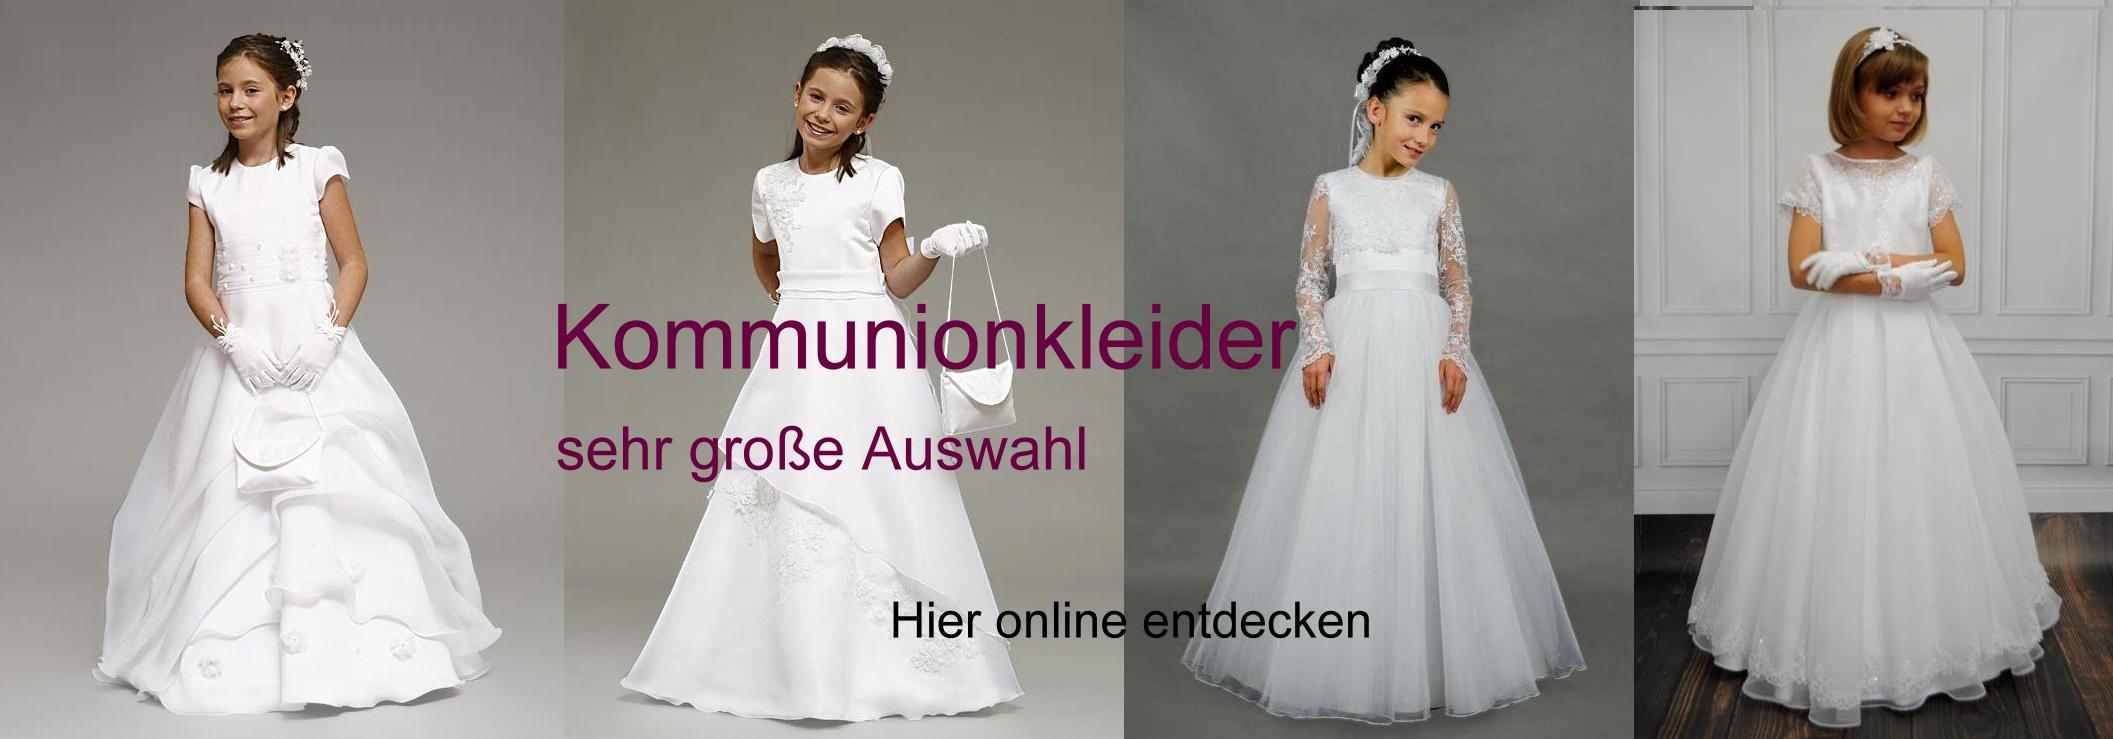 Brautmode Online Shop Brautkleider Kommunionkleider Und Abendkleider Gunstig Online Bestellen